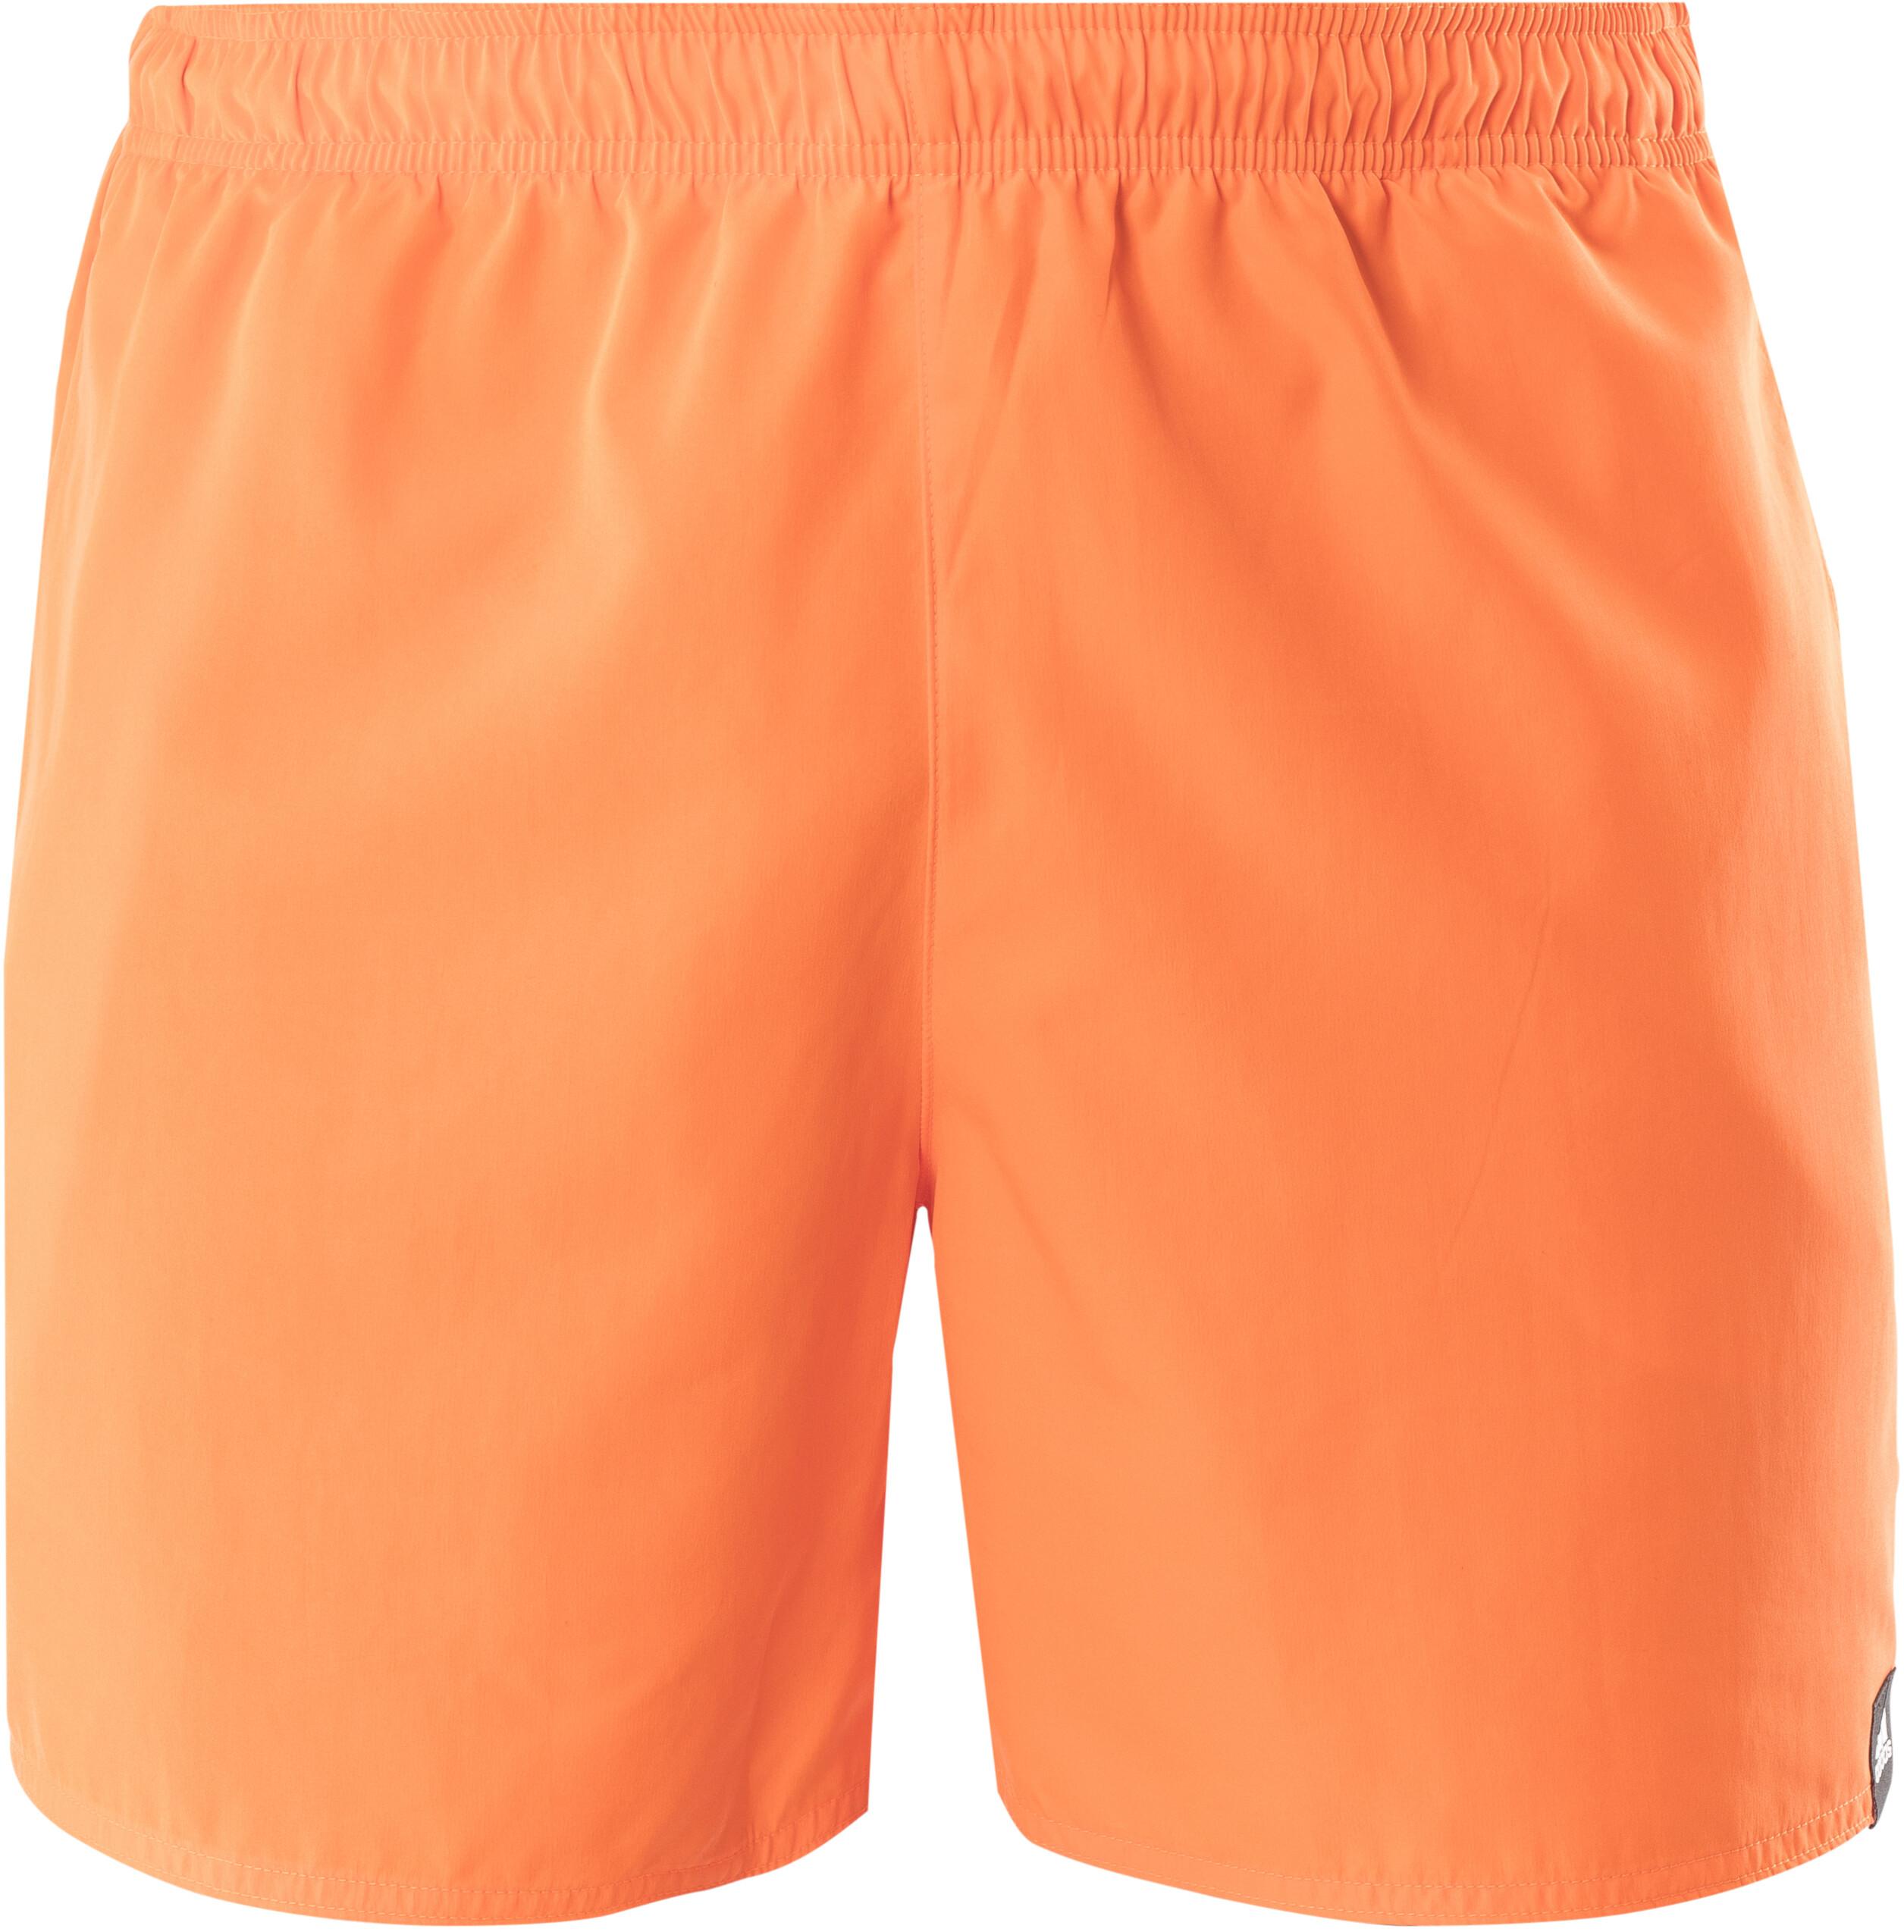 Korte Heren Zwembroek.Adidas Solid Zwembroek Heren Oranje L Outdoor Winkel Campz Be